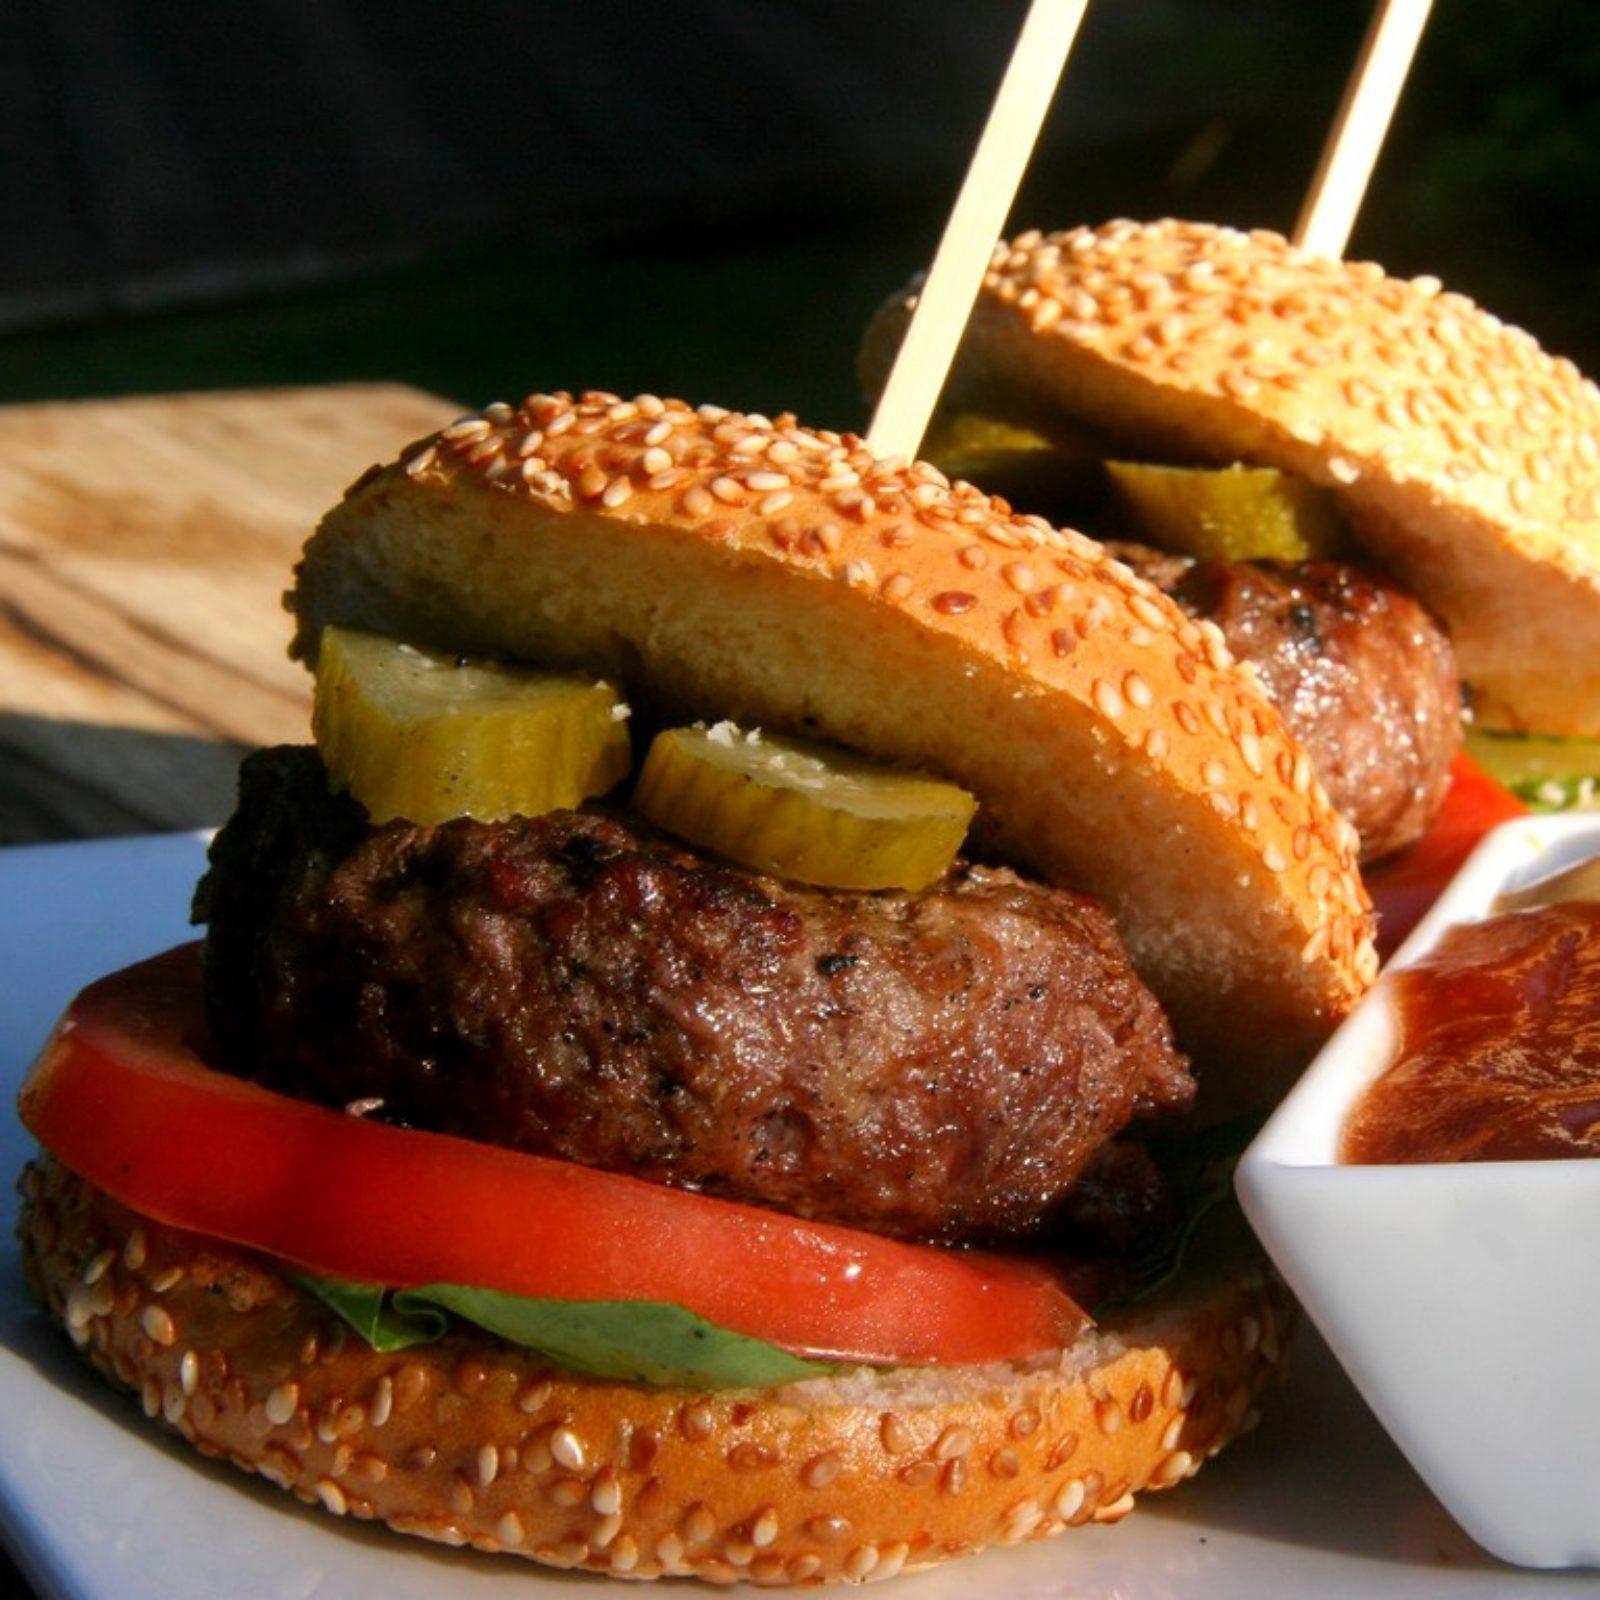 מיני המבורגר עסיסי